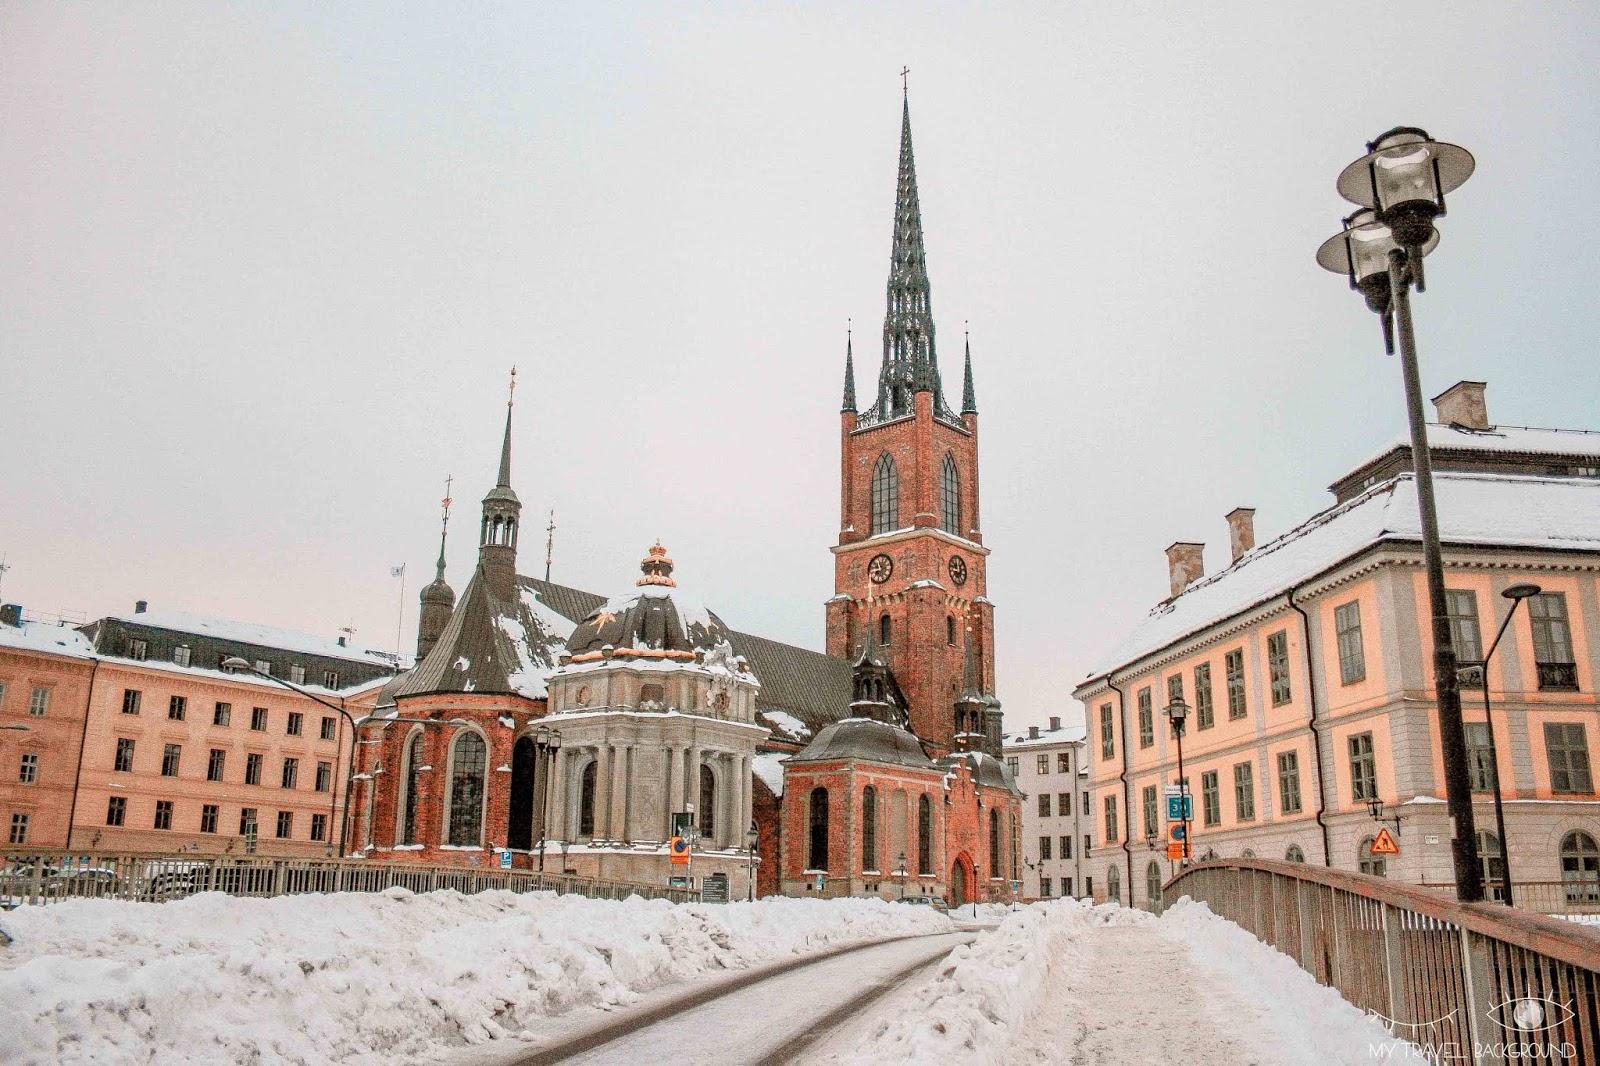 My Travel Background : Visiter Stockholm, mes immanquables - Eglise de Riddarholmen